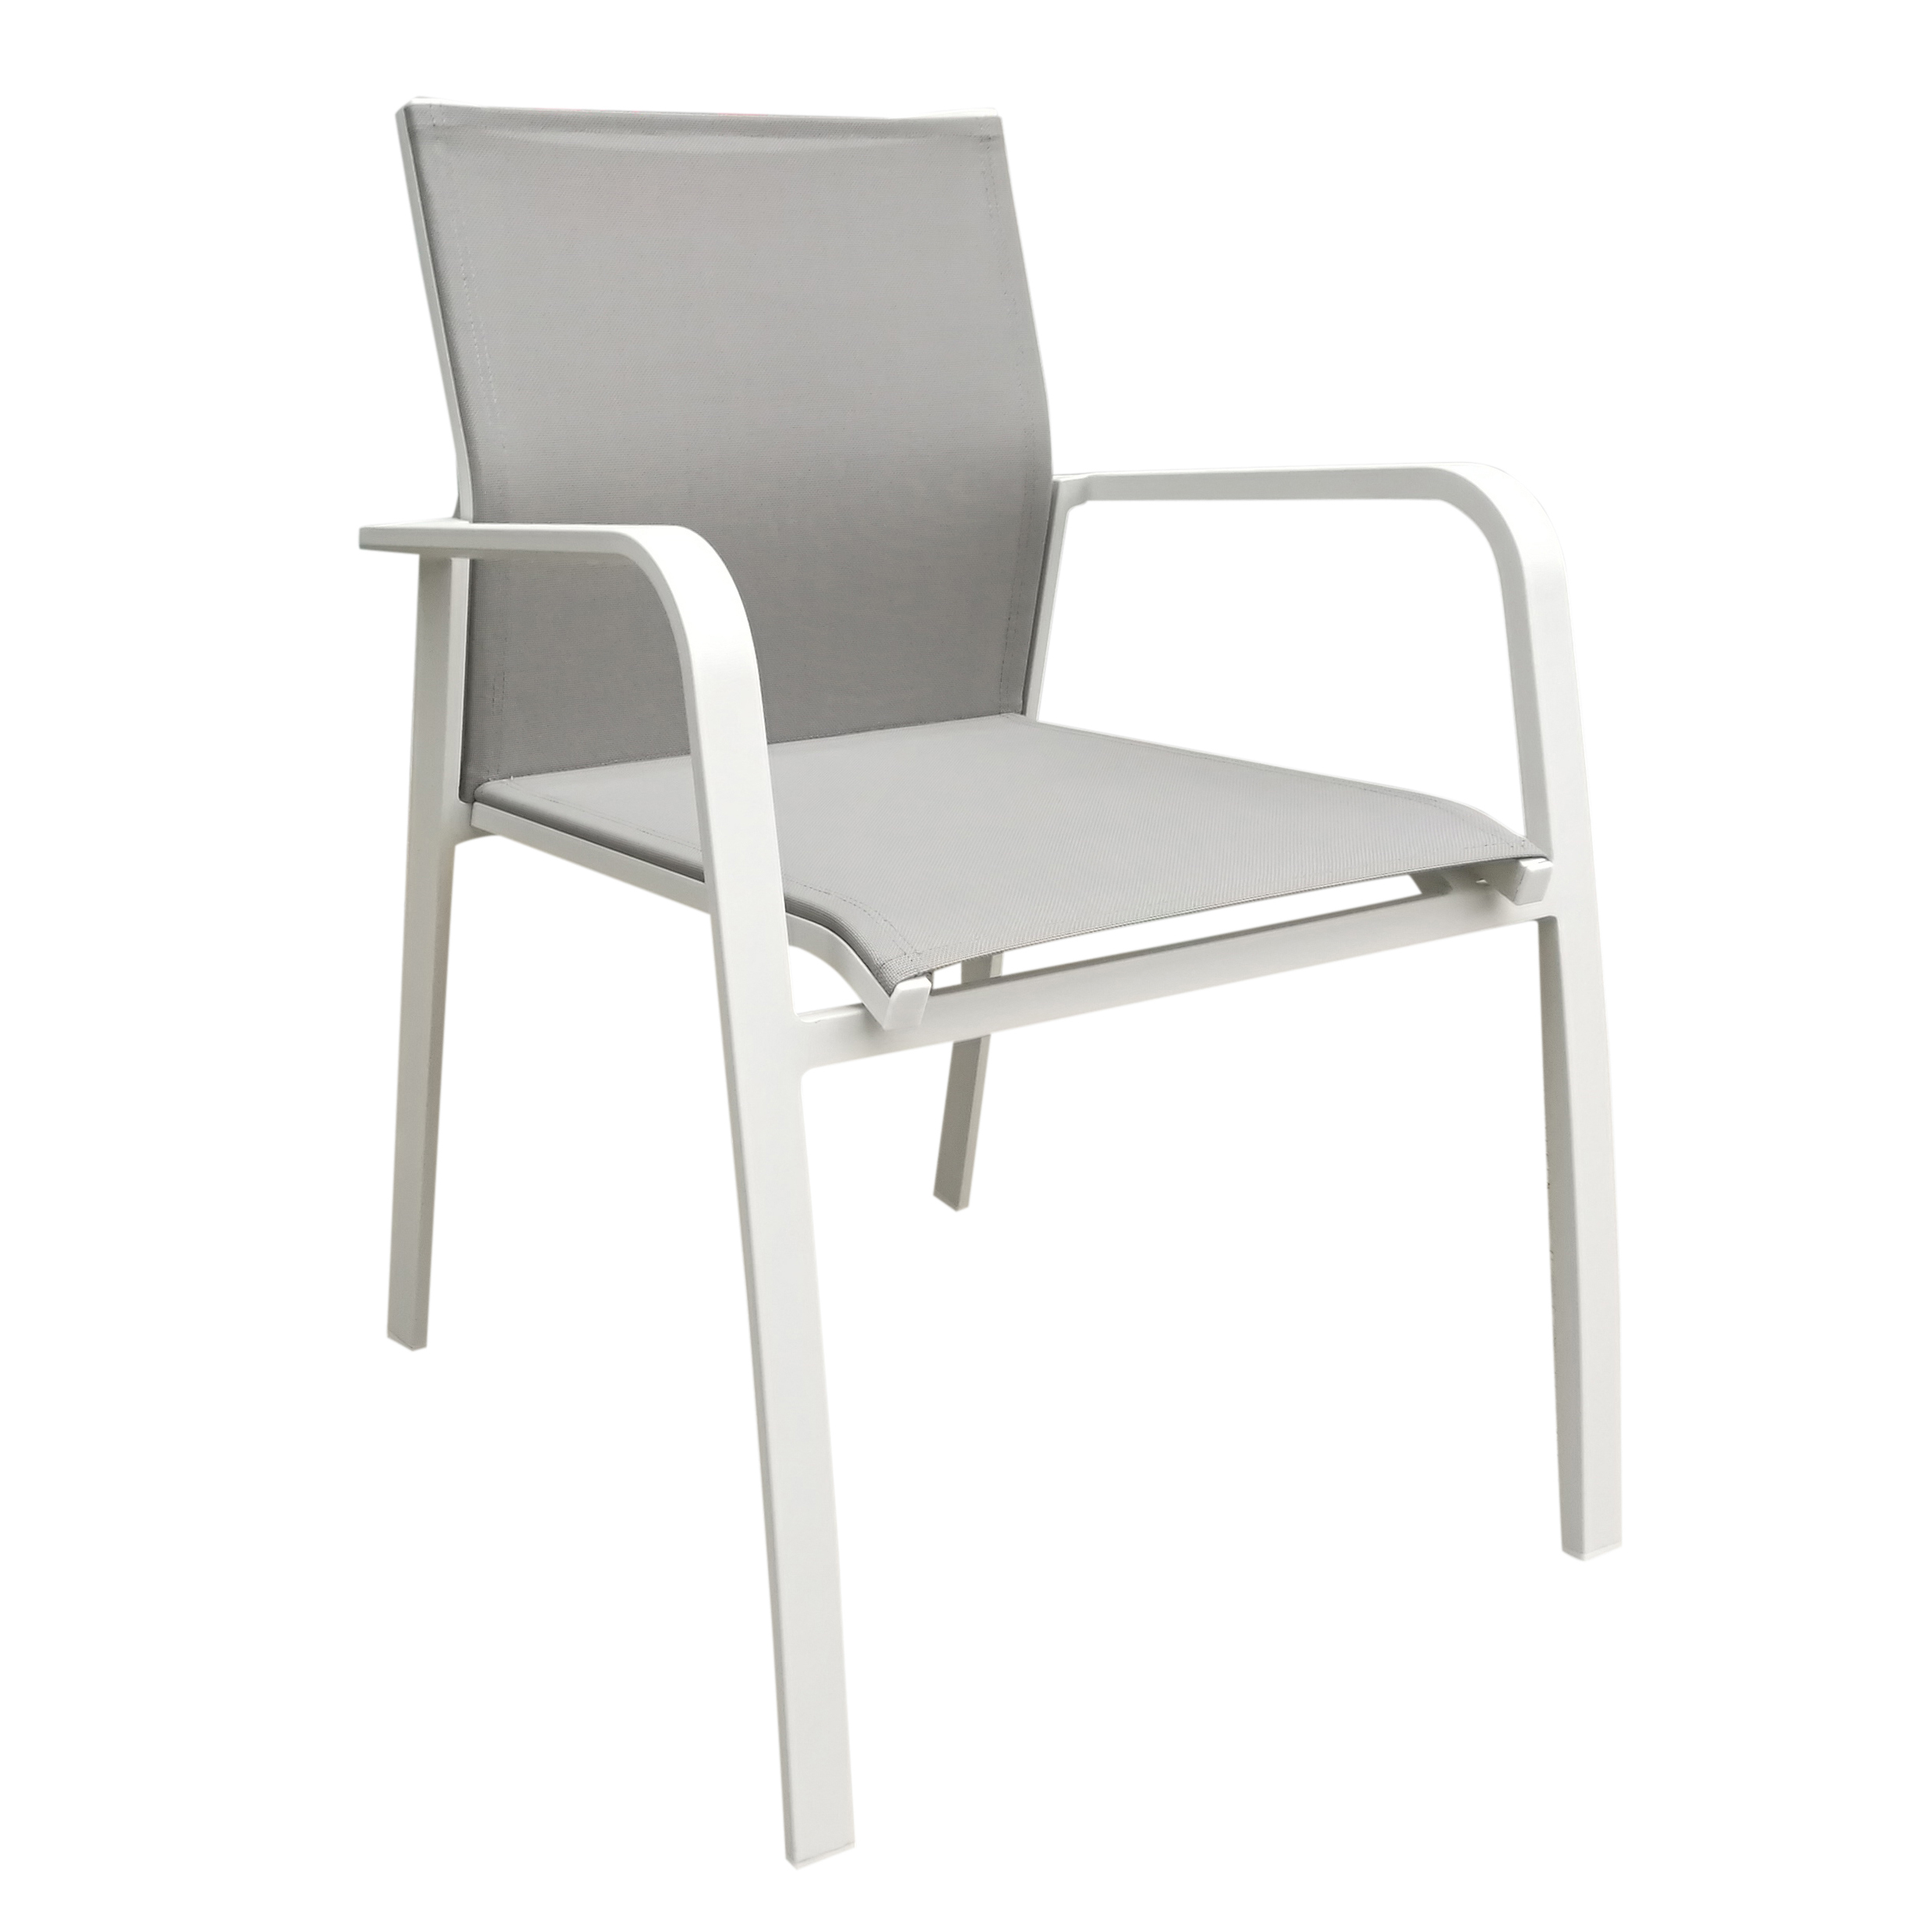 Fauteuil De Jardin Nice En Aluminium Blanc Gris Et Textilène Couleur Taupe à Chaise De Jardin Aluminium